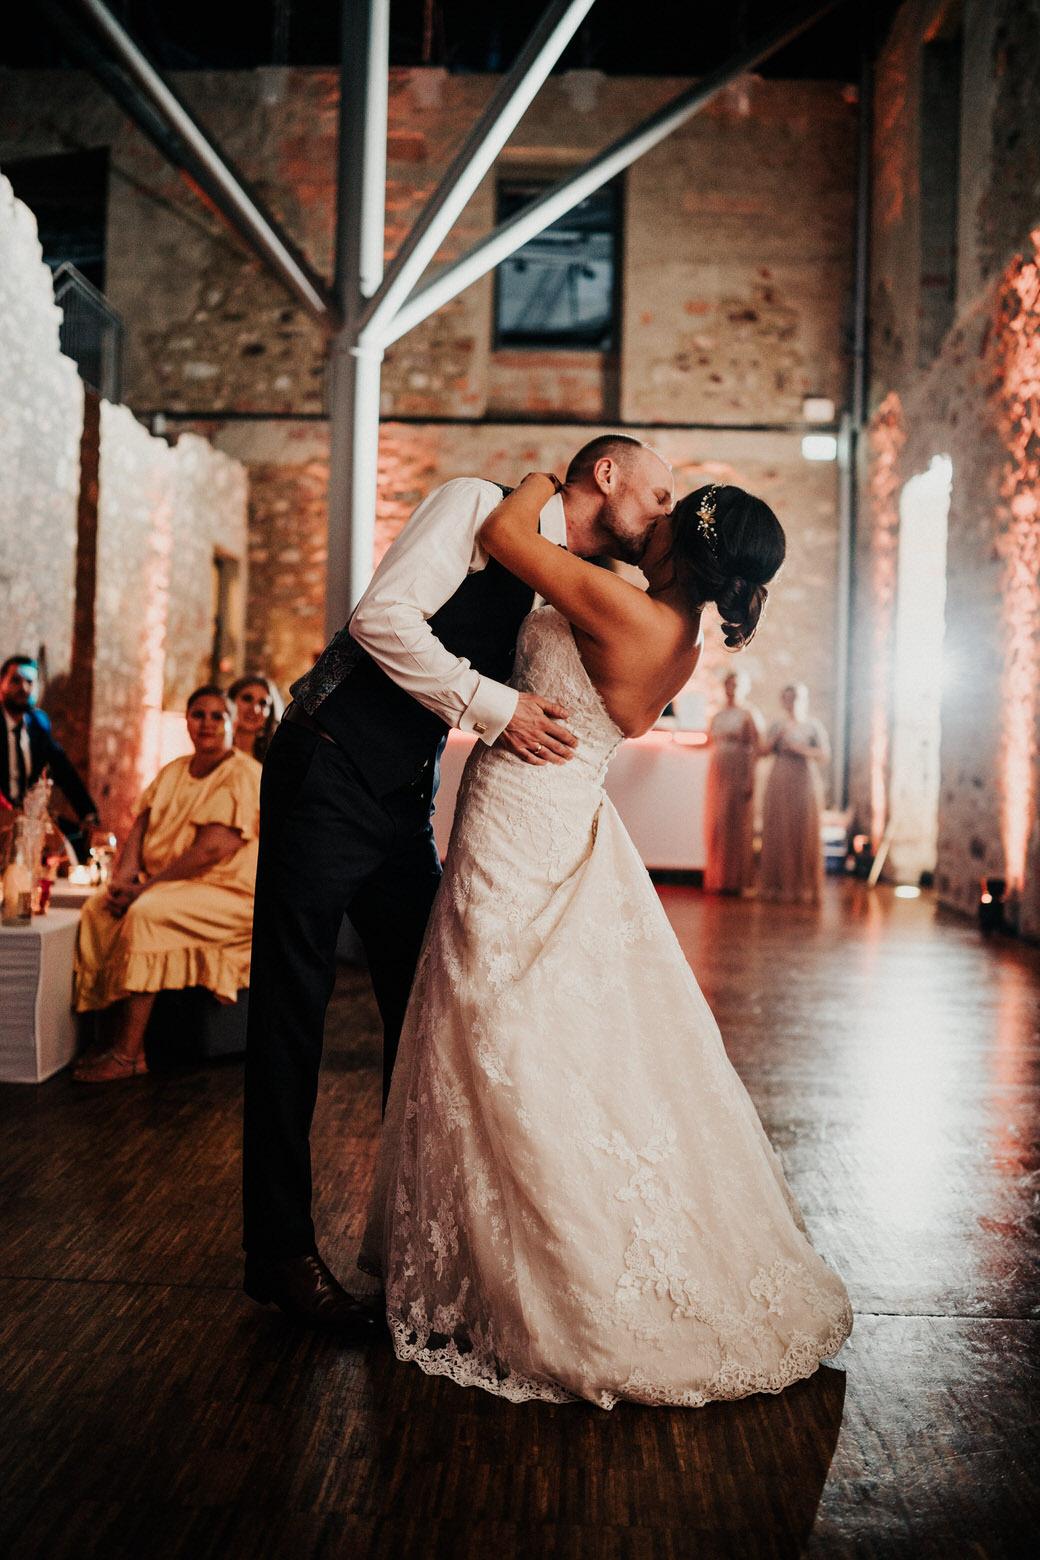 Hochzeitsbilder vom Brautpaar-Tanz bei der Hochzeitsparty im Jagdschloss Platte in Wiesbaden